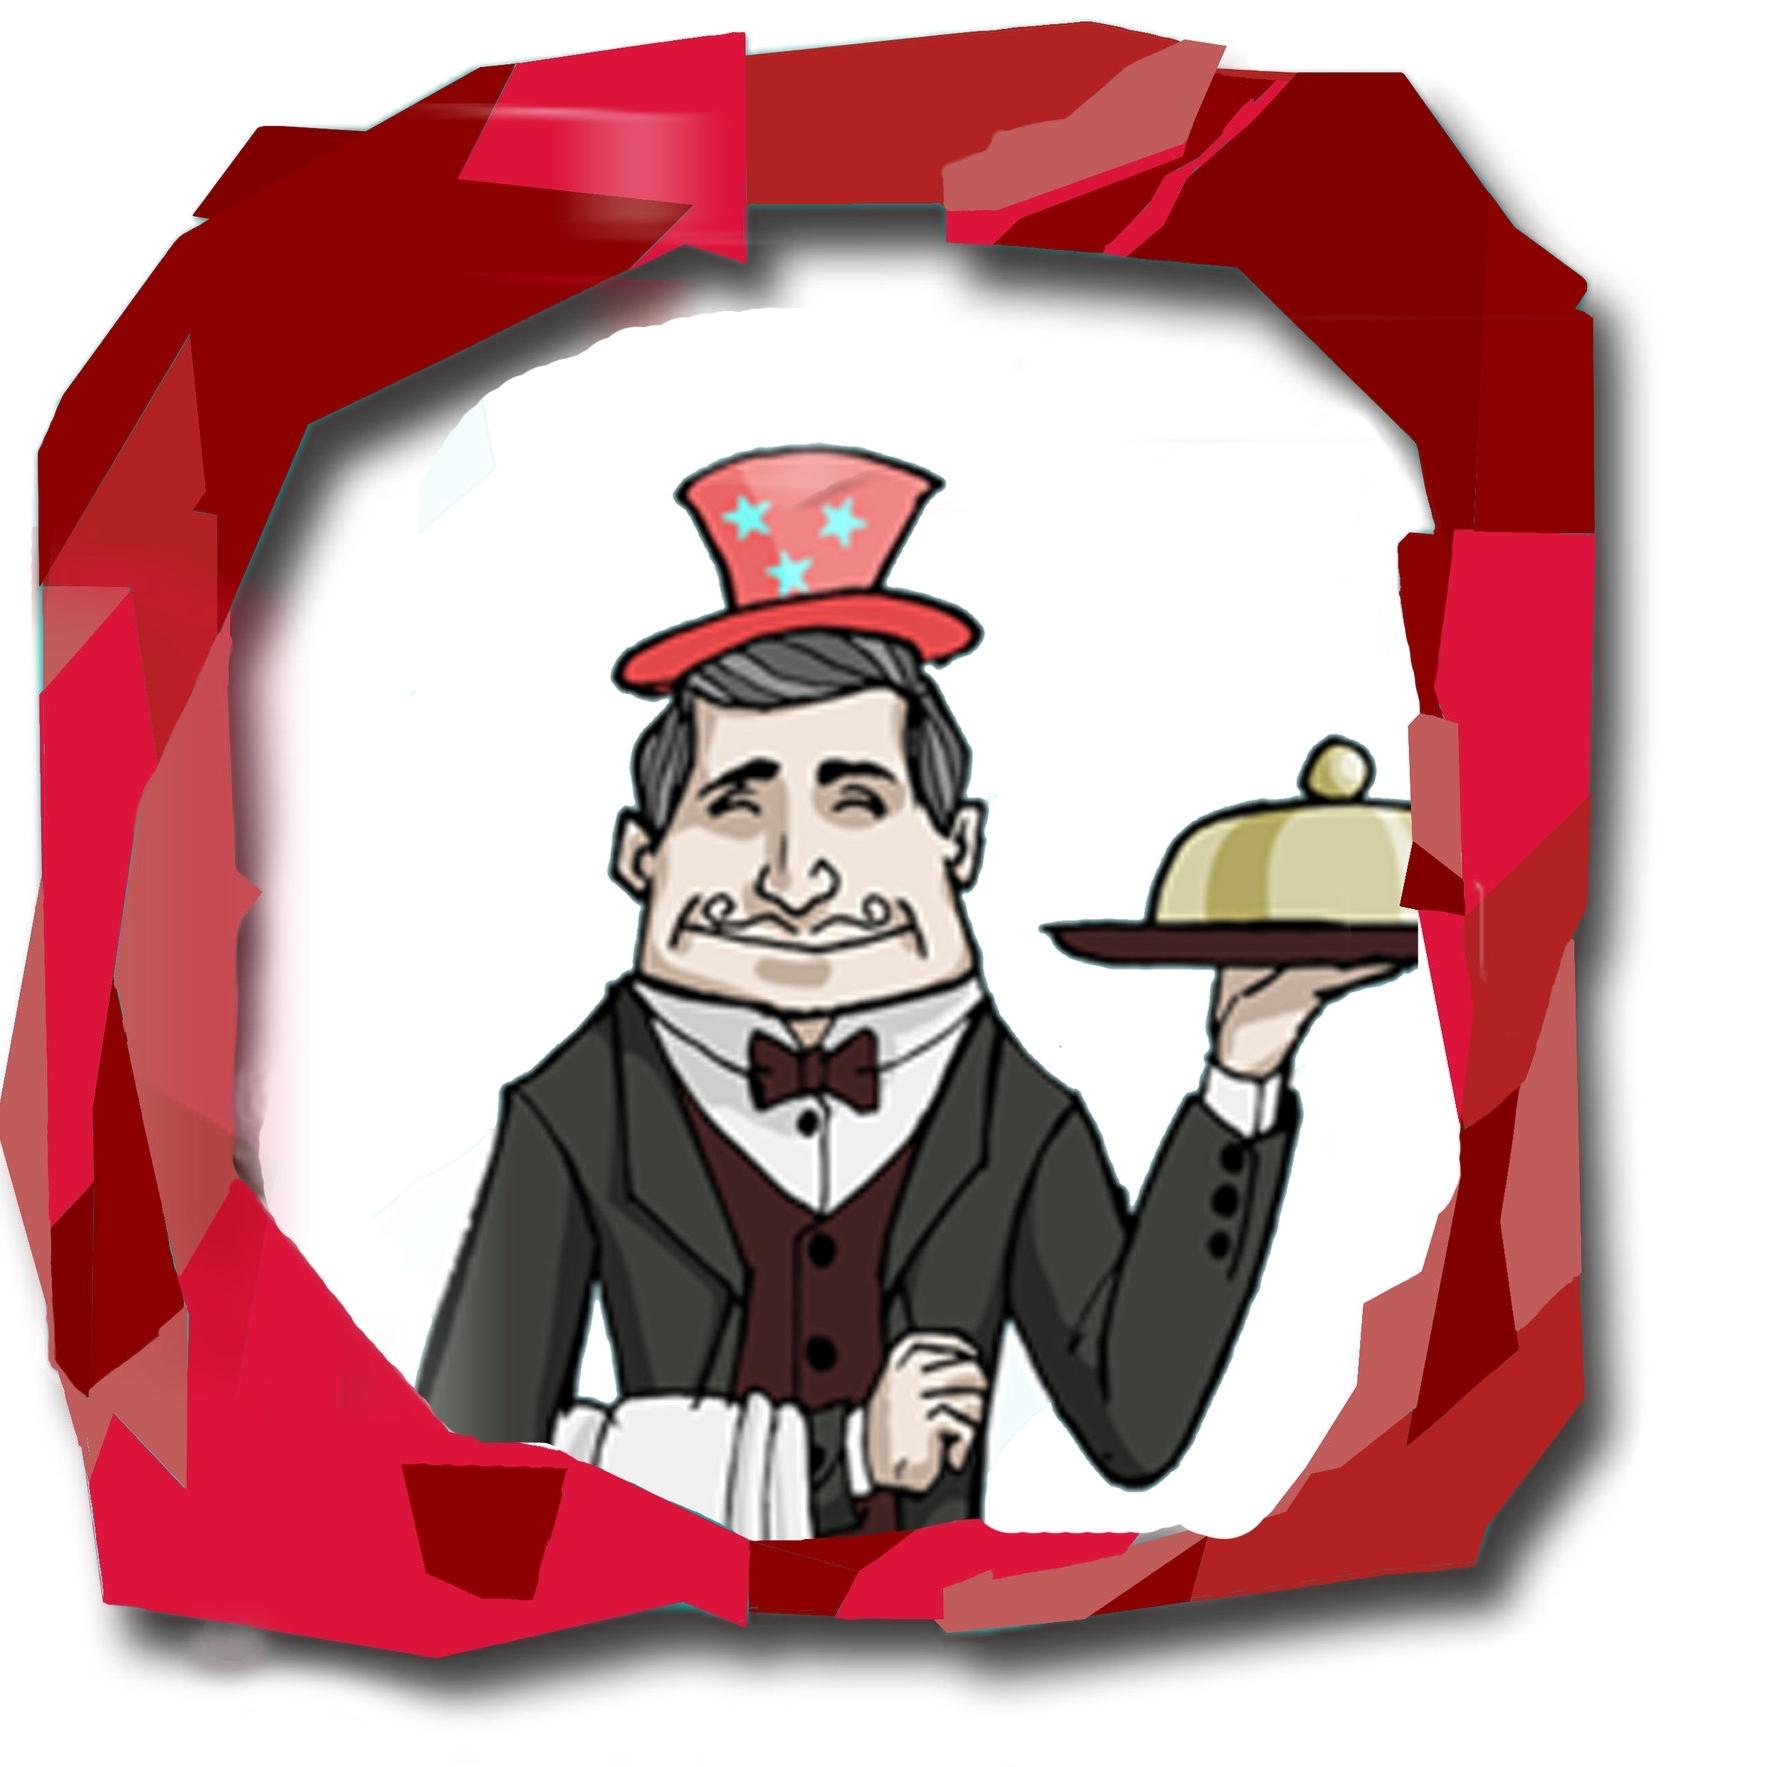 waiter .jpg